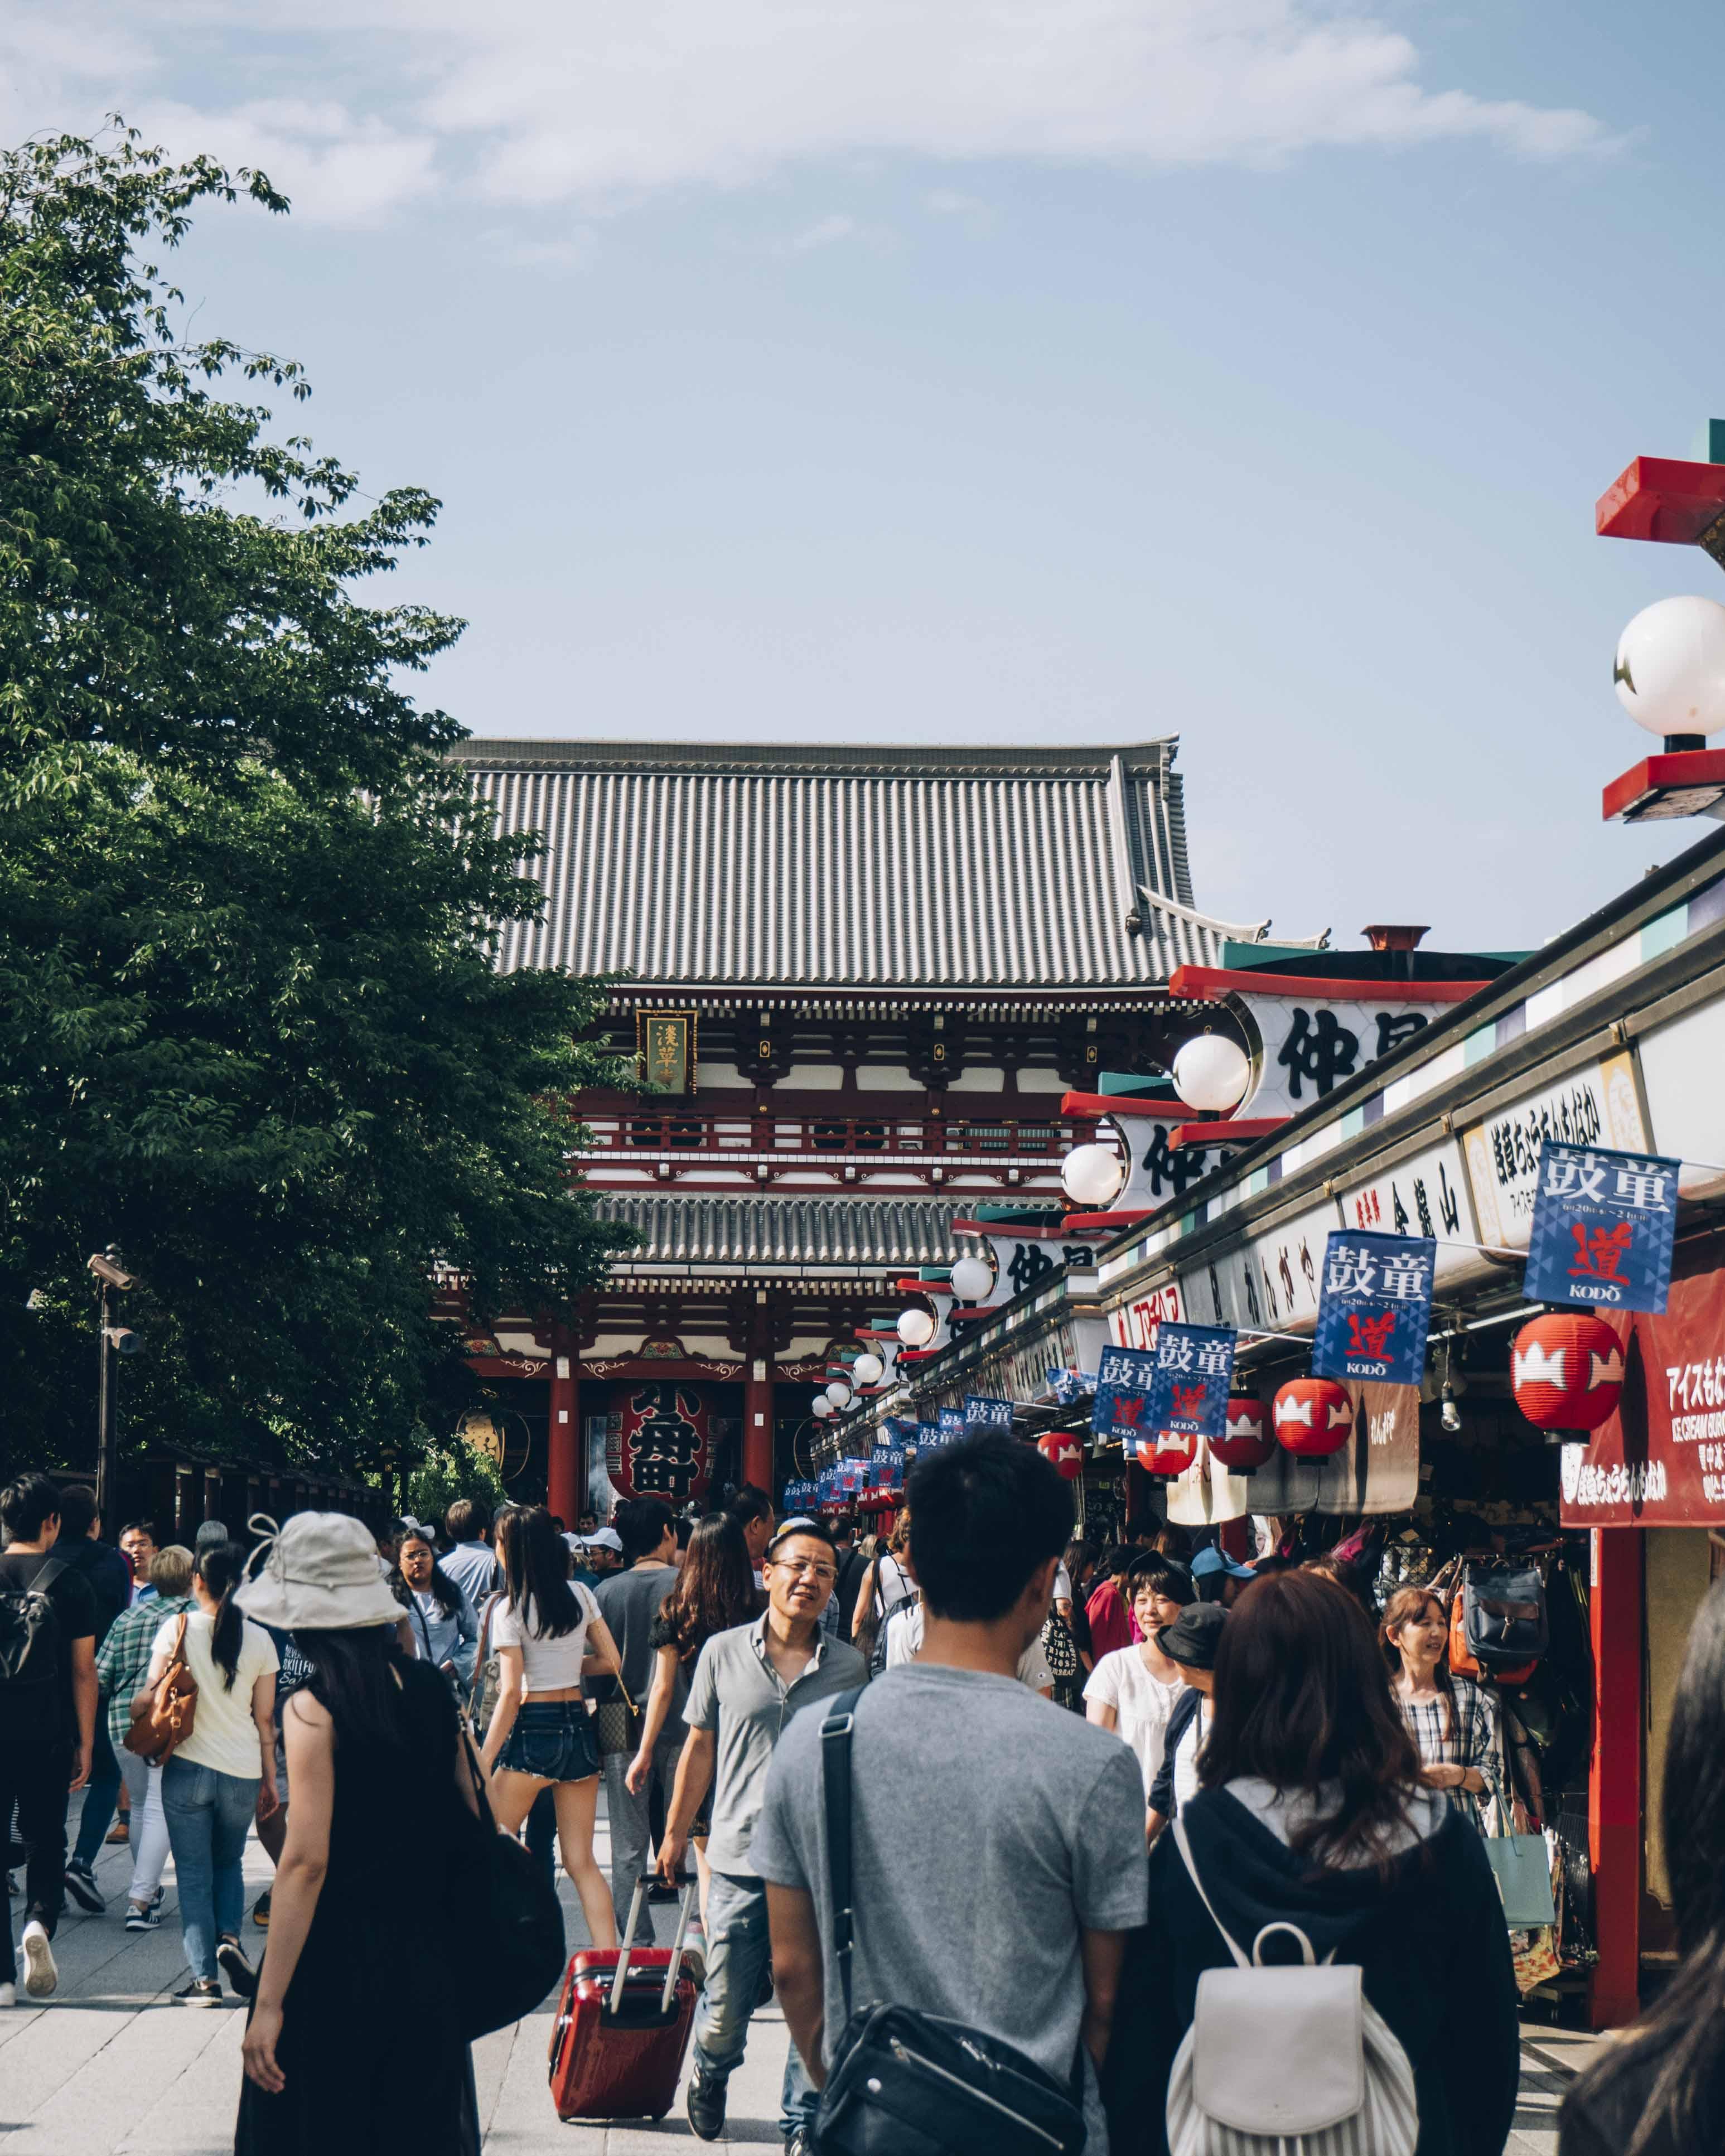 PINOSSA_TOKIO P6130013